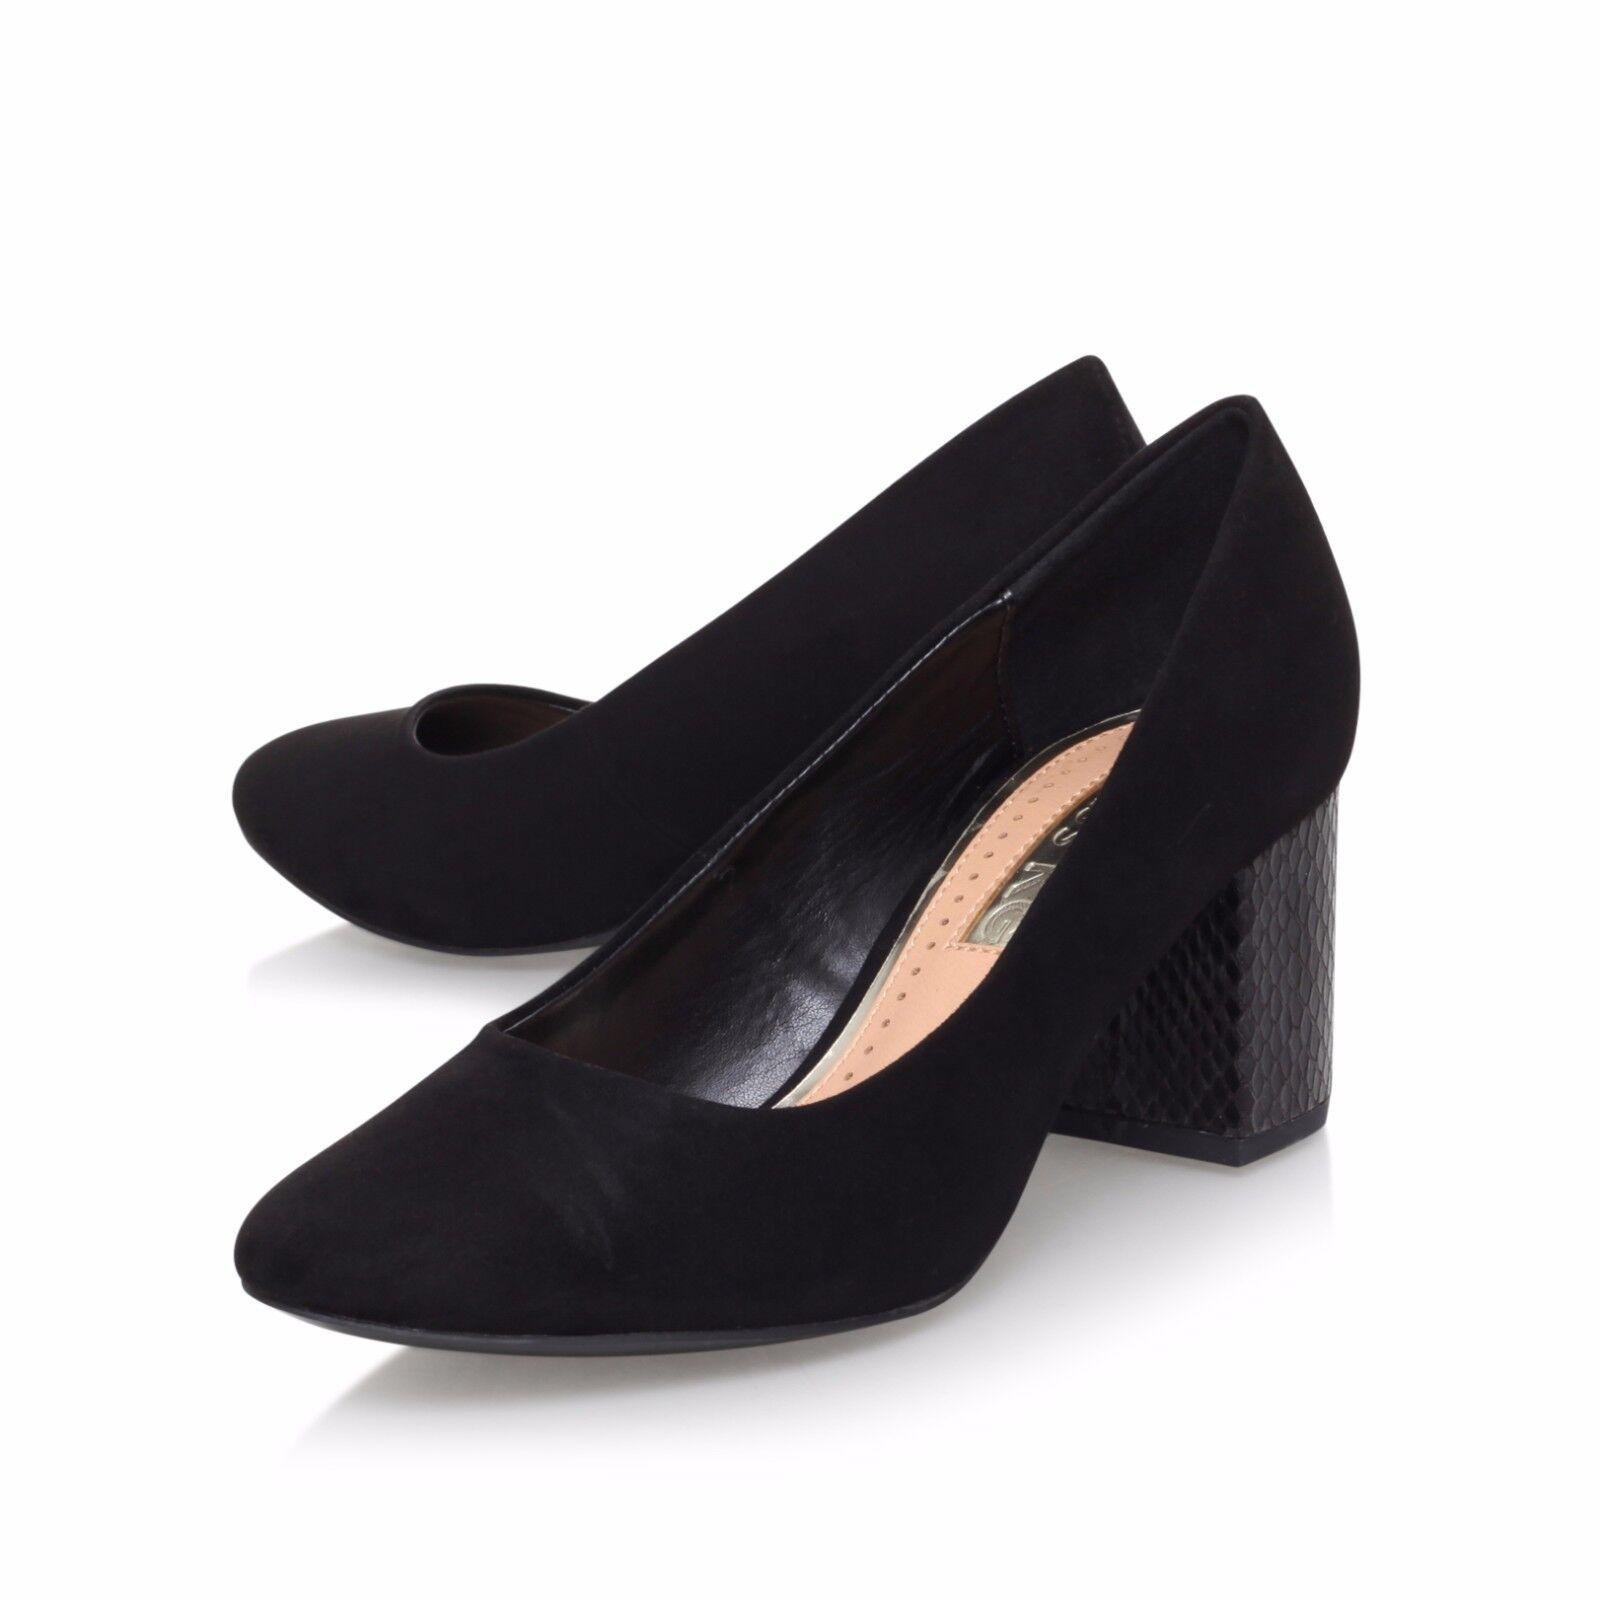 16c0ae24d01 Miss Kg Kurt Geiger Connie Black Mid Heel Court Shoes UK 4 EU 37 ...